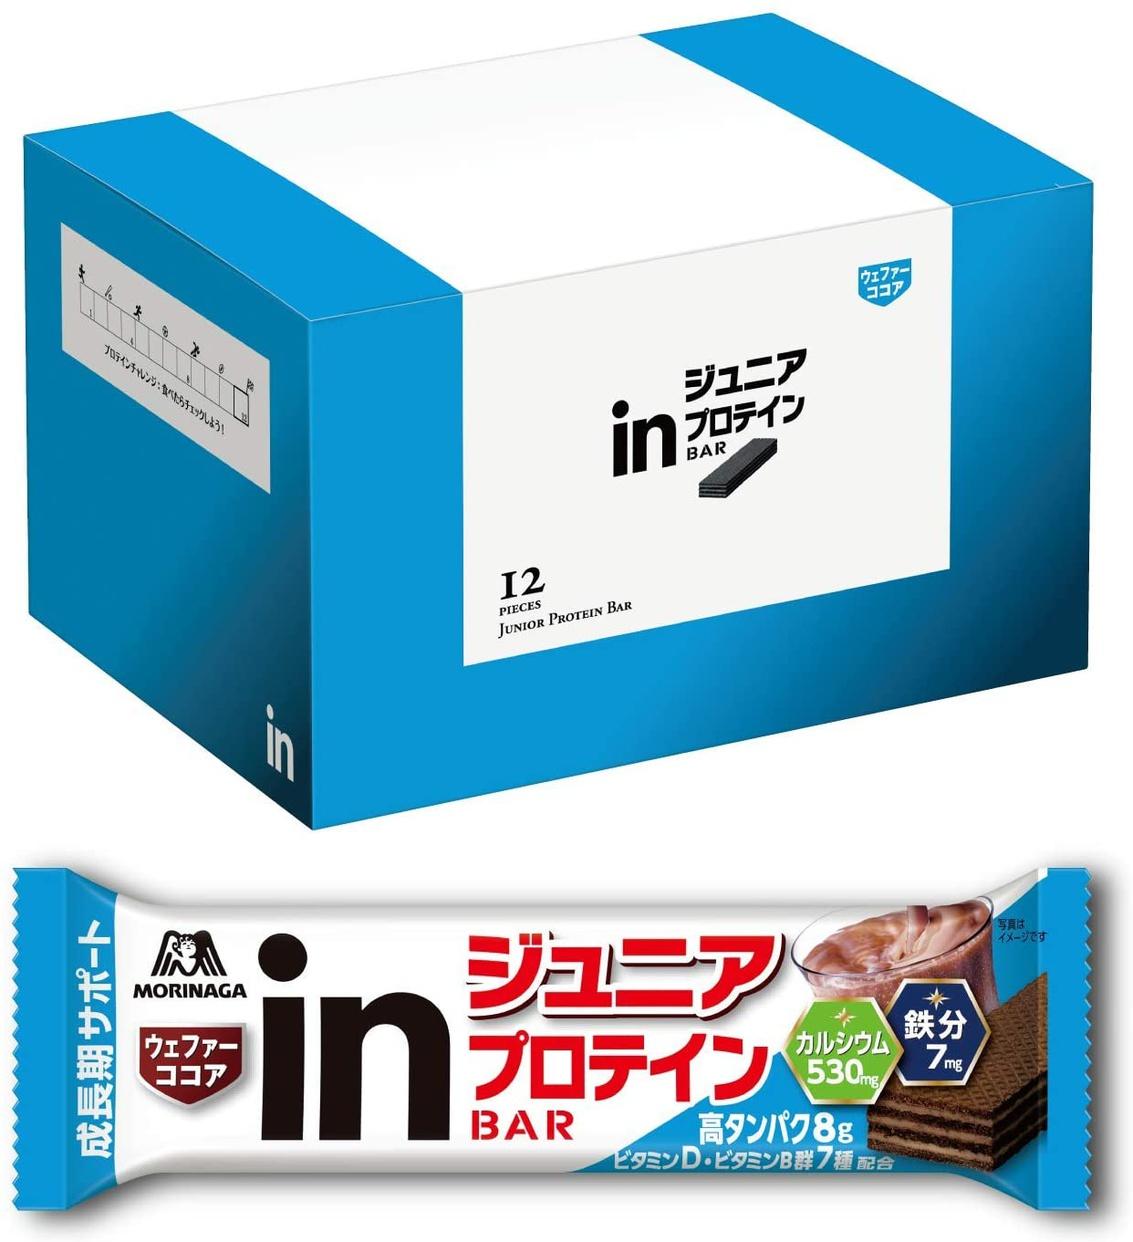 森永製菓(MORINAGA) inバー ジュニアプロテインの商品画像